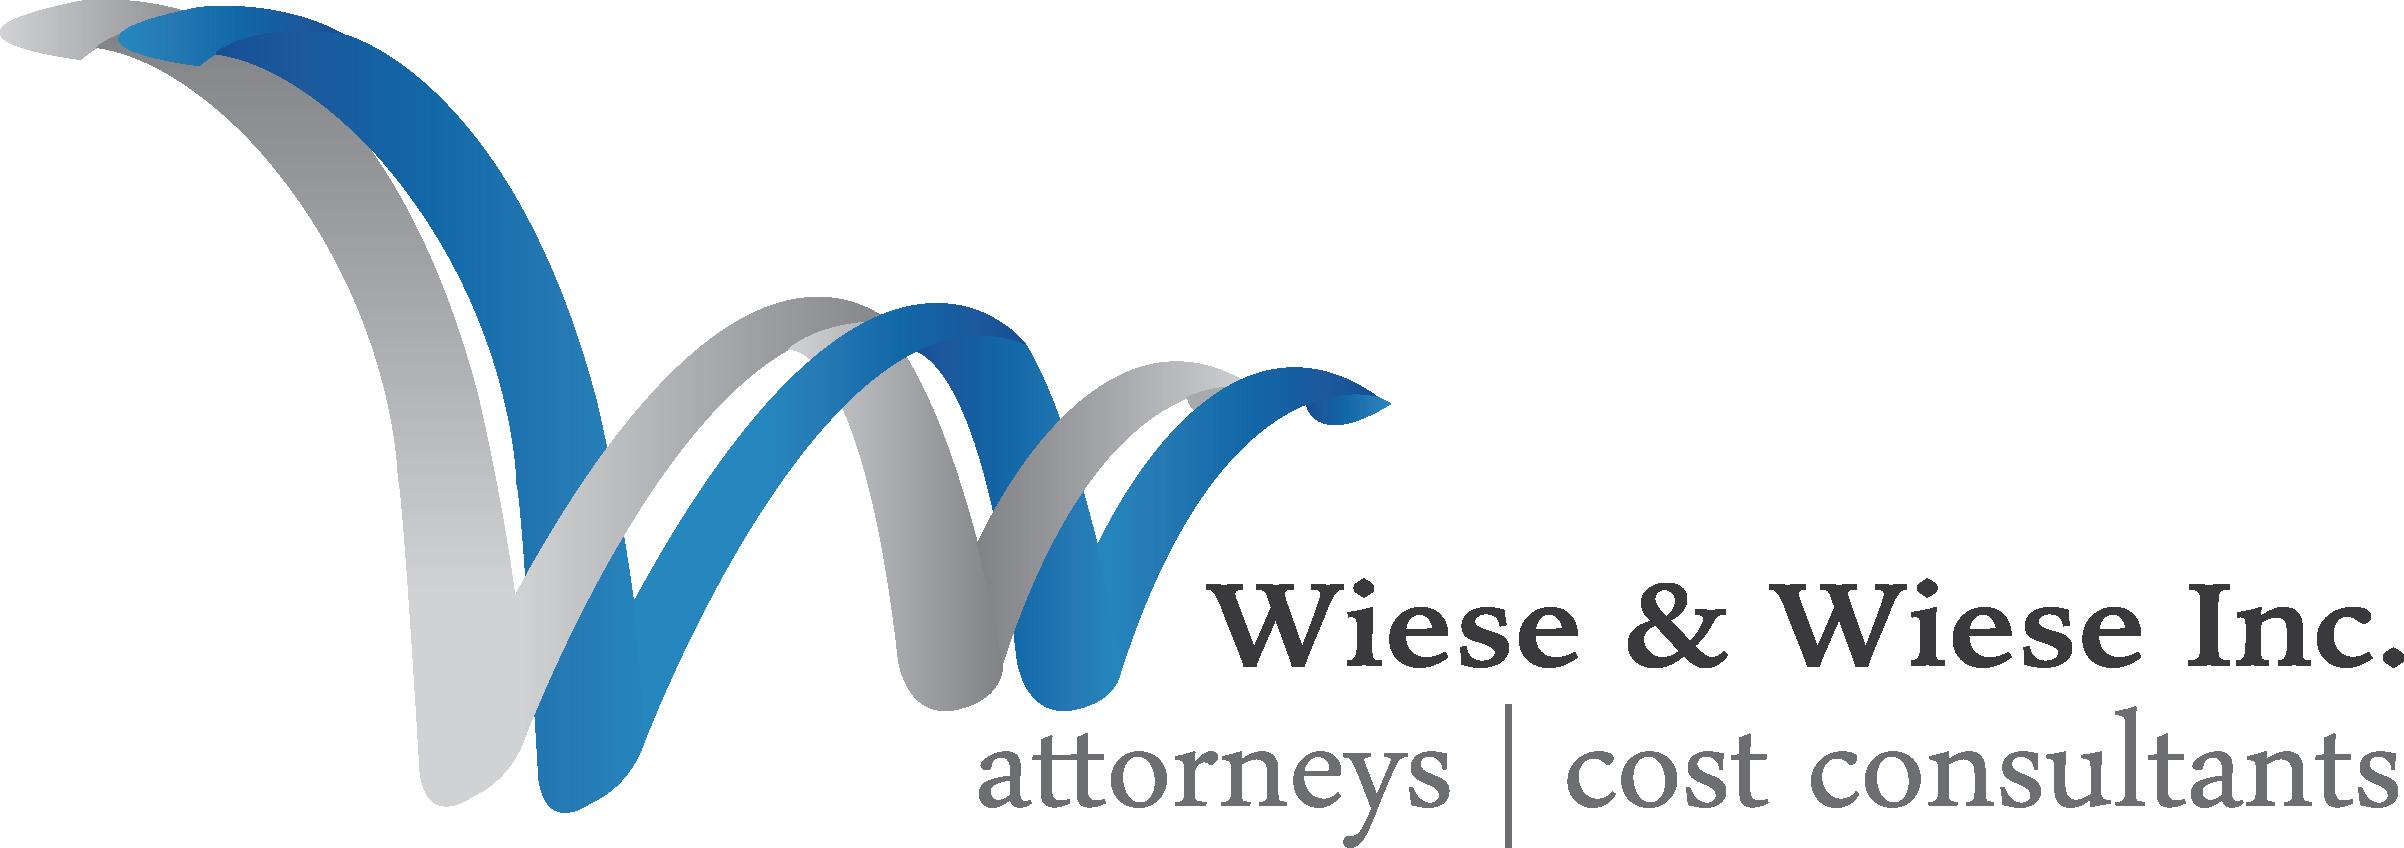 Wiese & Wiese Inc.